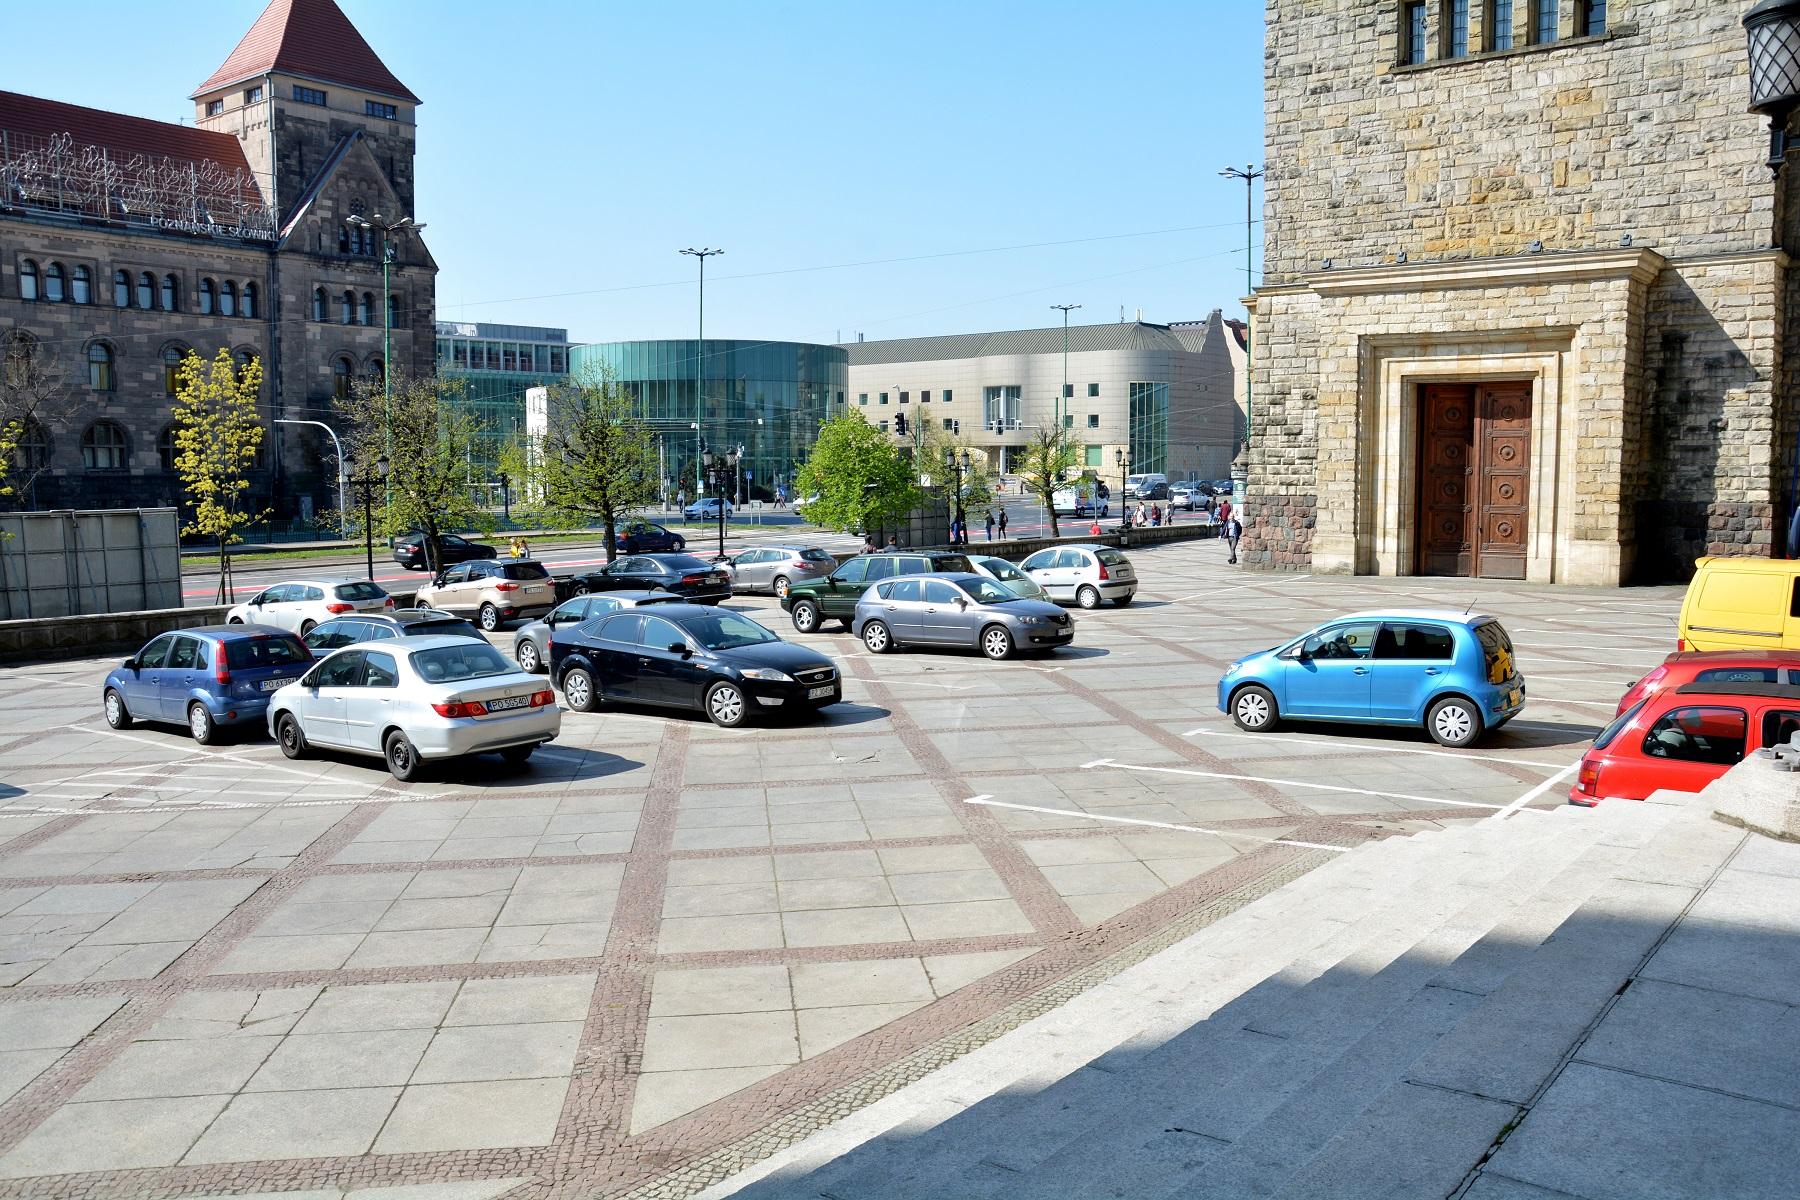 ogloszono-konkurs-na-opracowanie-koncepcji-zagospodarowania-dziedzinca-przed-centrum-kultury-zamek,pic1,1016,131609,227358,show2